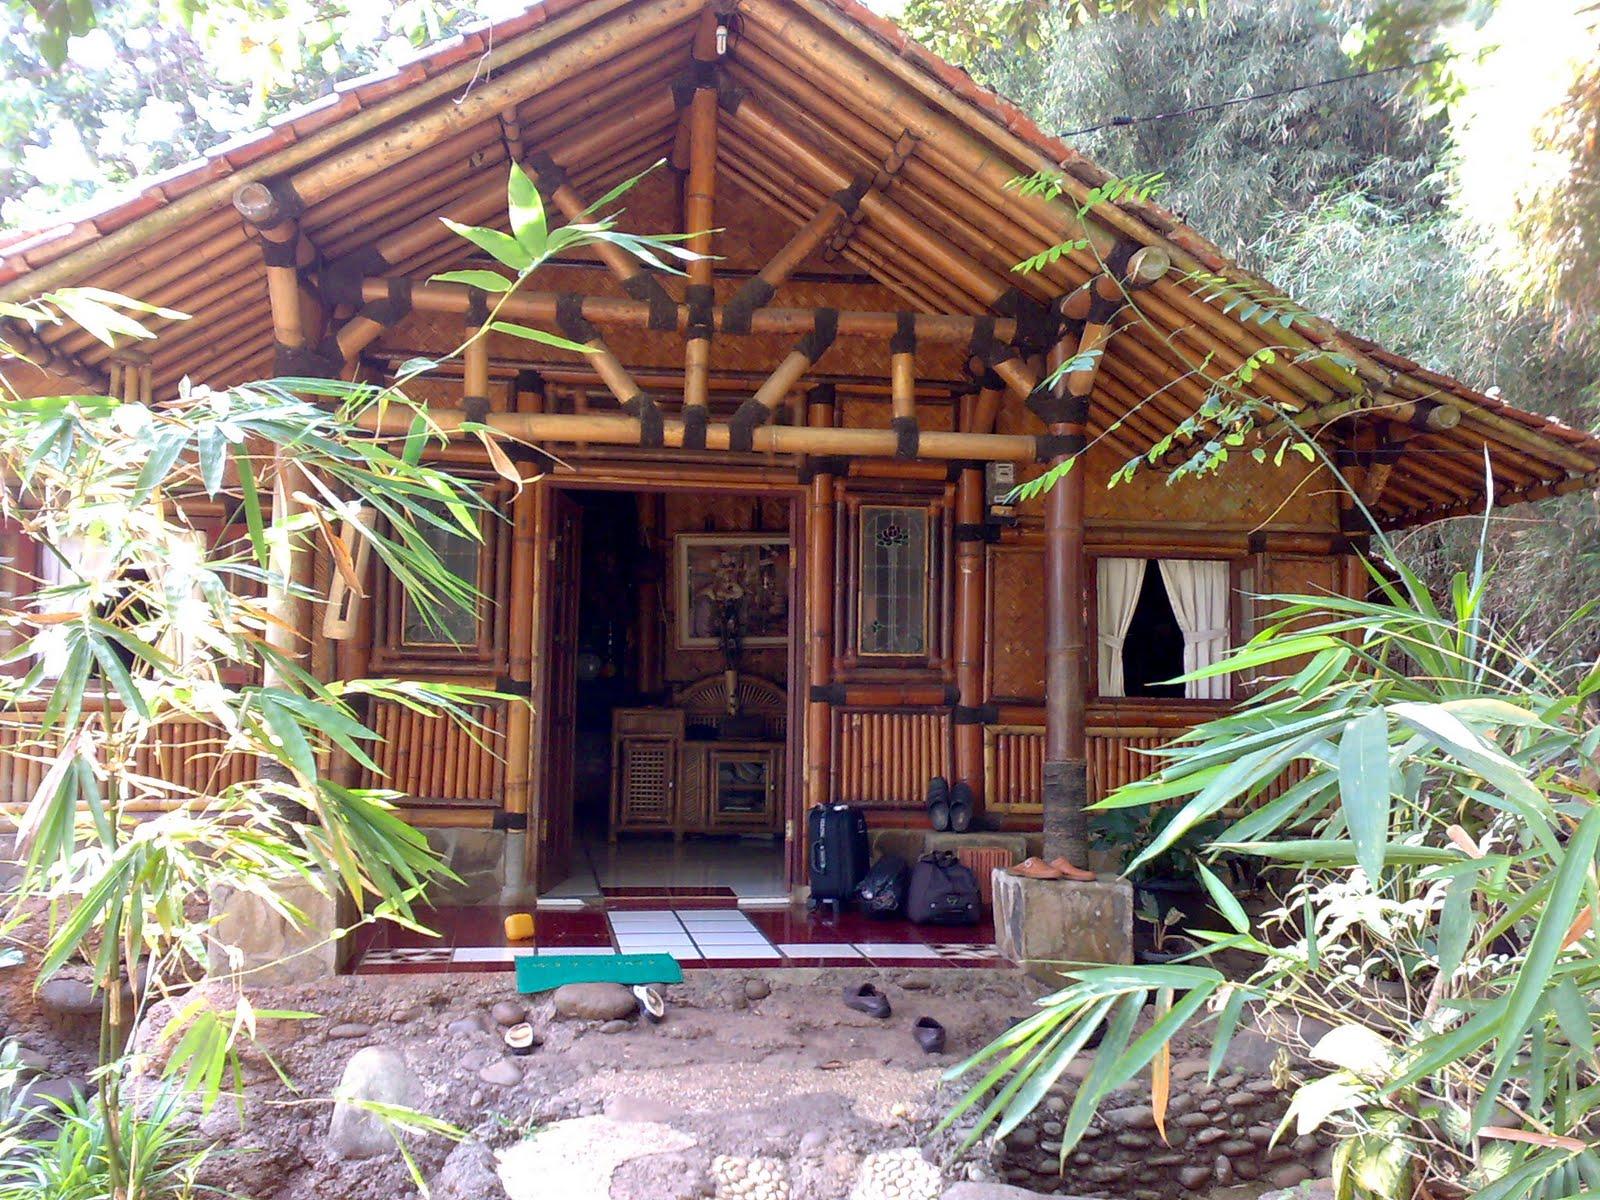 70 Model Rumah Sederhana Dari Bambu Terbaru Dan Terkeren